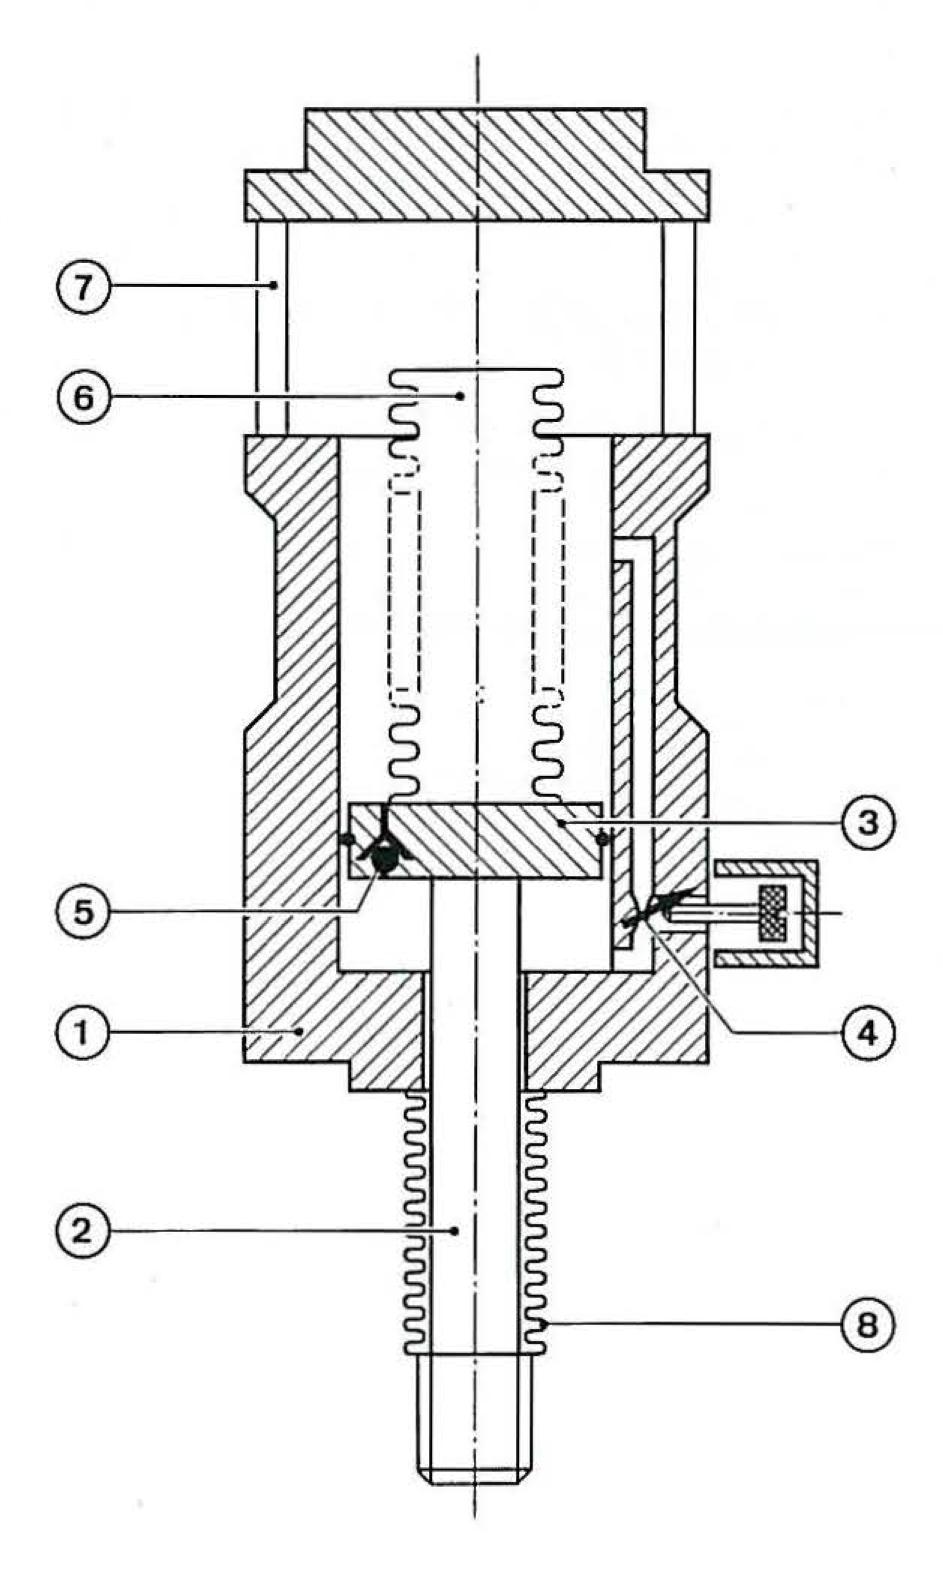 DAS – Dispositif antibattement de soupapes - DAB, vérins et amortisseurs spéciaux - Quiri - 2